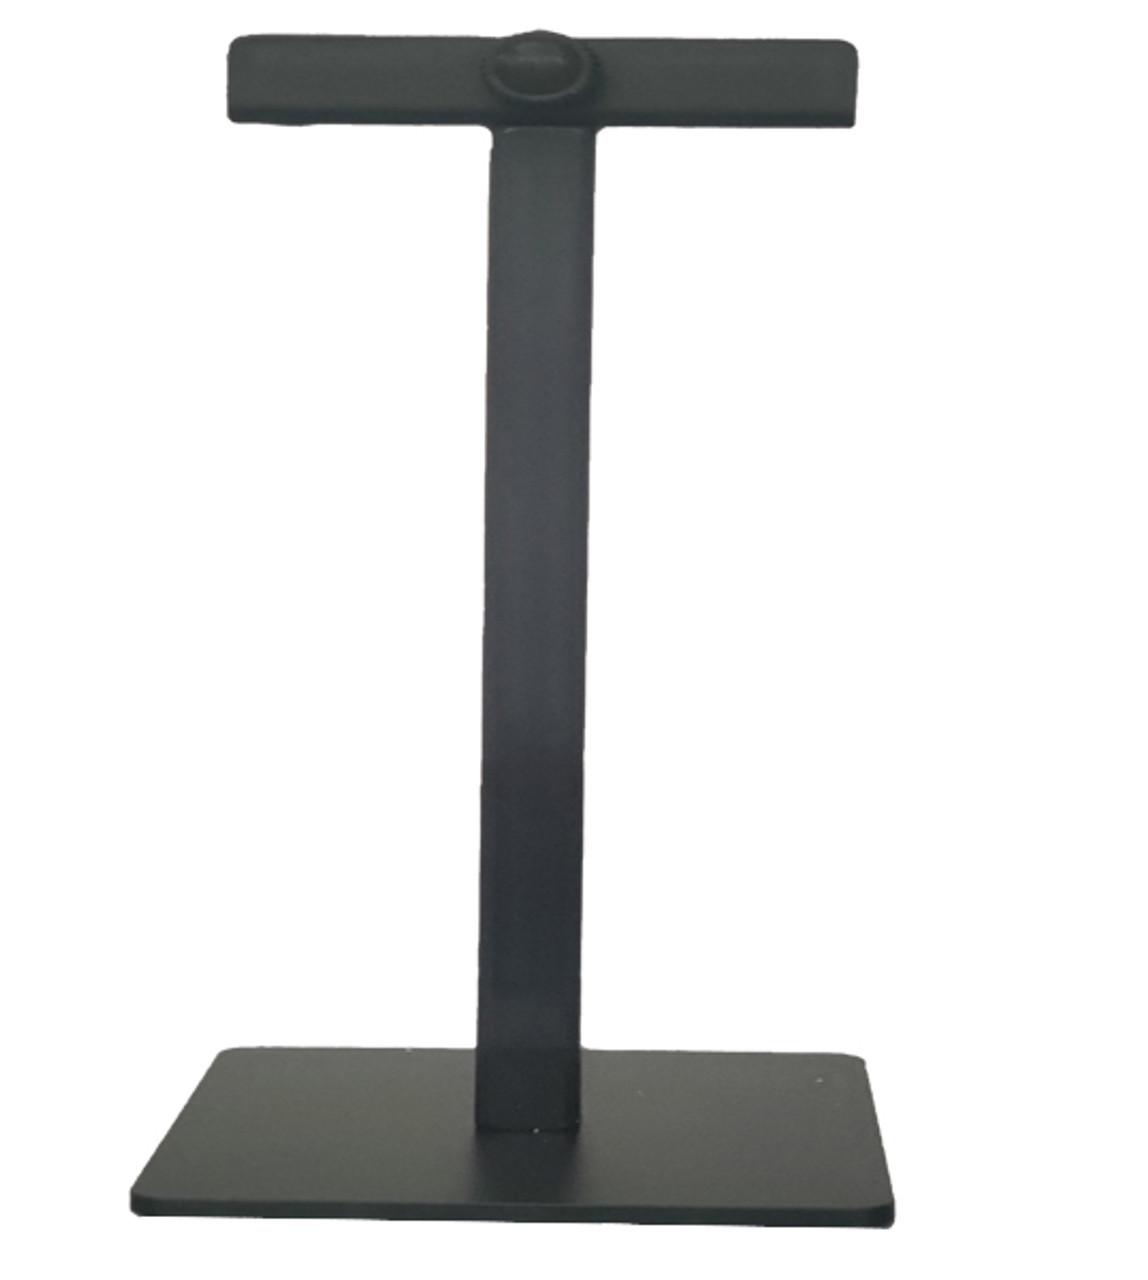 Pedestal Table top Sign Holder